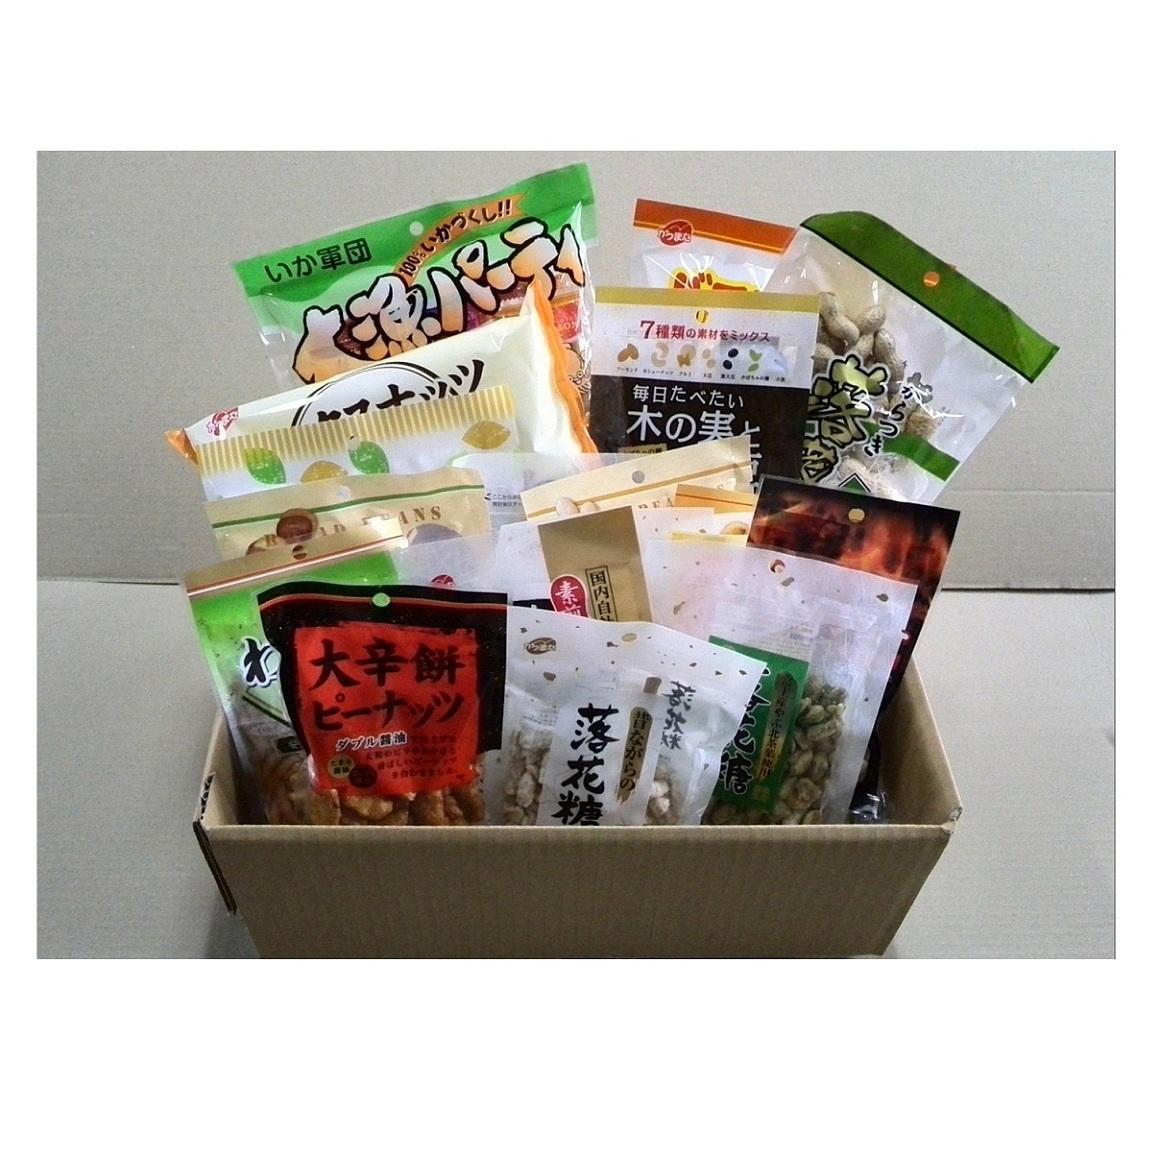 【ふるさと納税】1048「ふじ茶っピー」「茶豆ナッツ」 & 豆菓子・ナッツ詰め合わせ